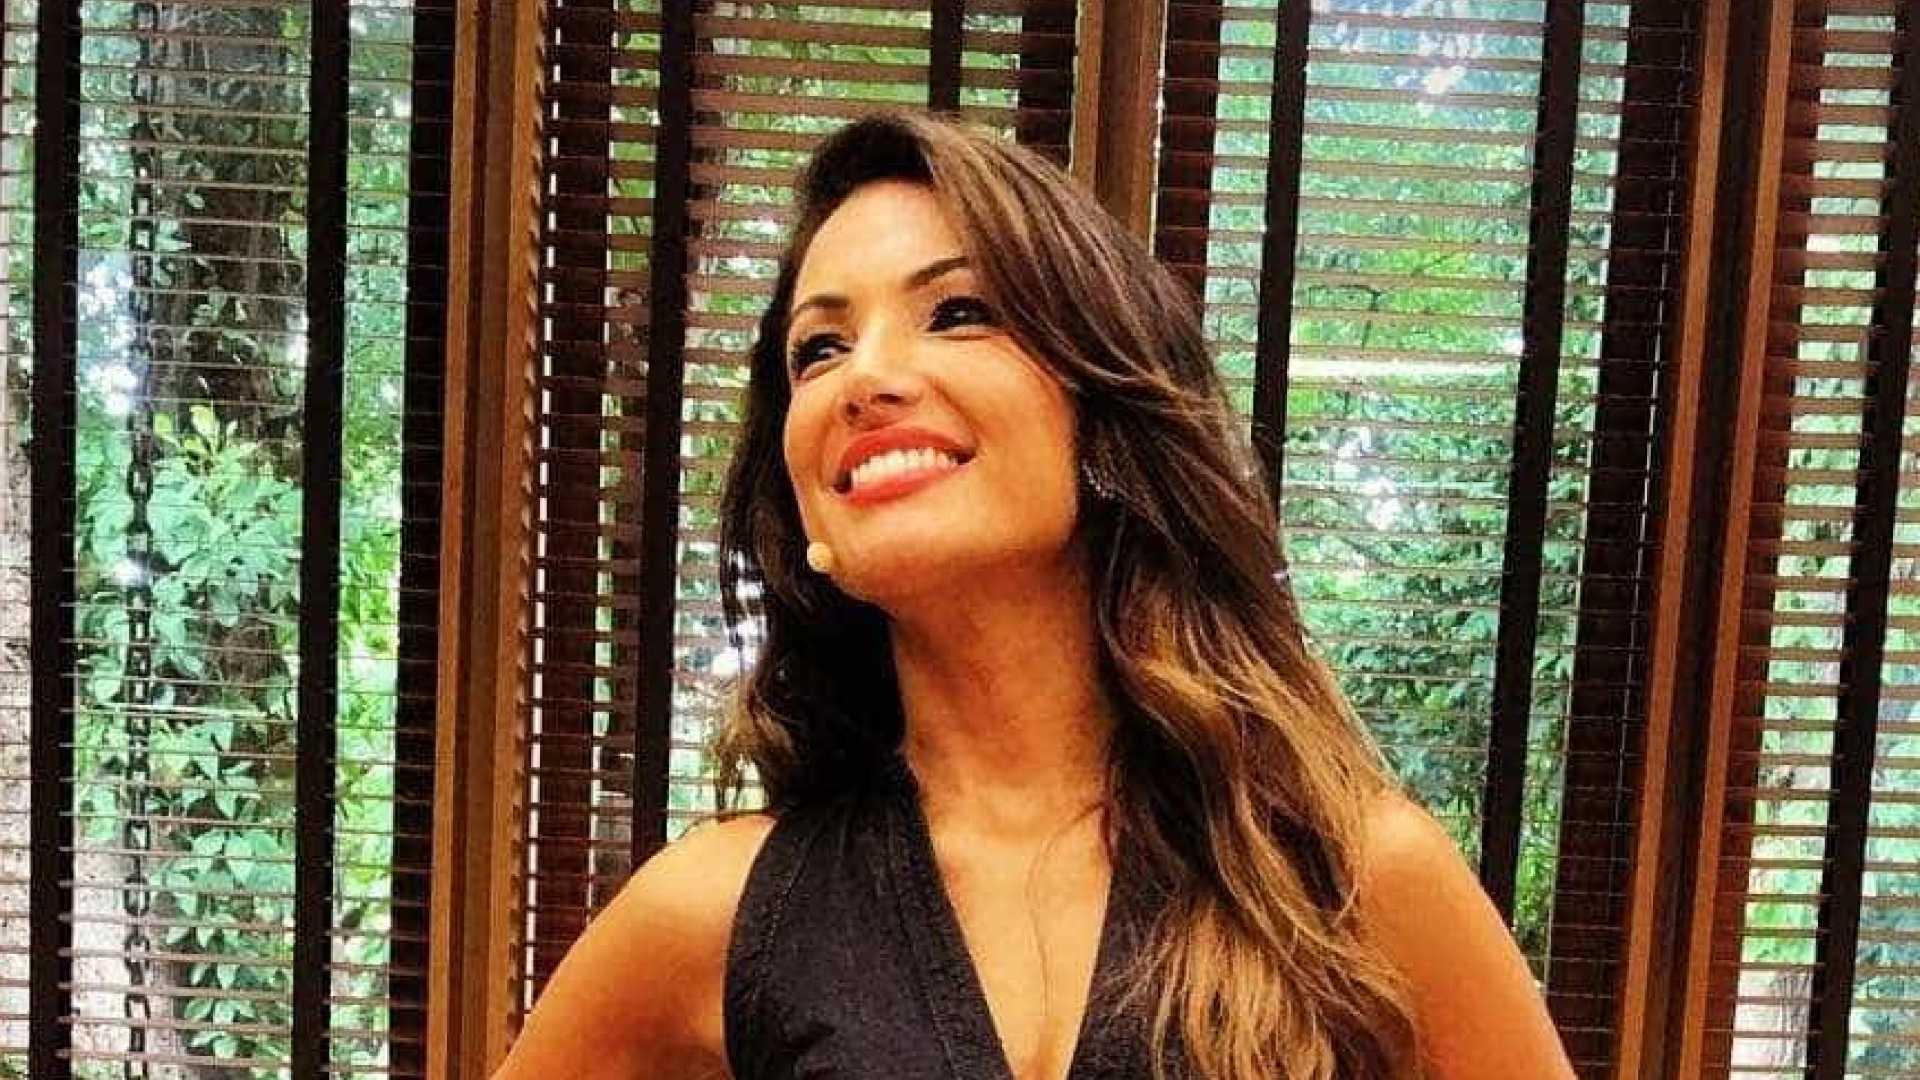 003 - Patrícia Poeta fala sobre solteirice: 'Estou curtindo'